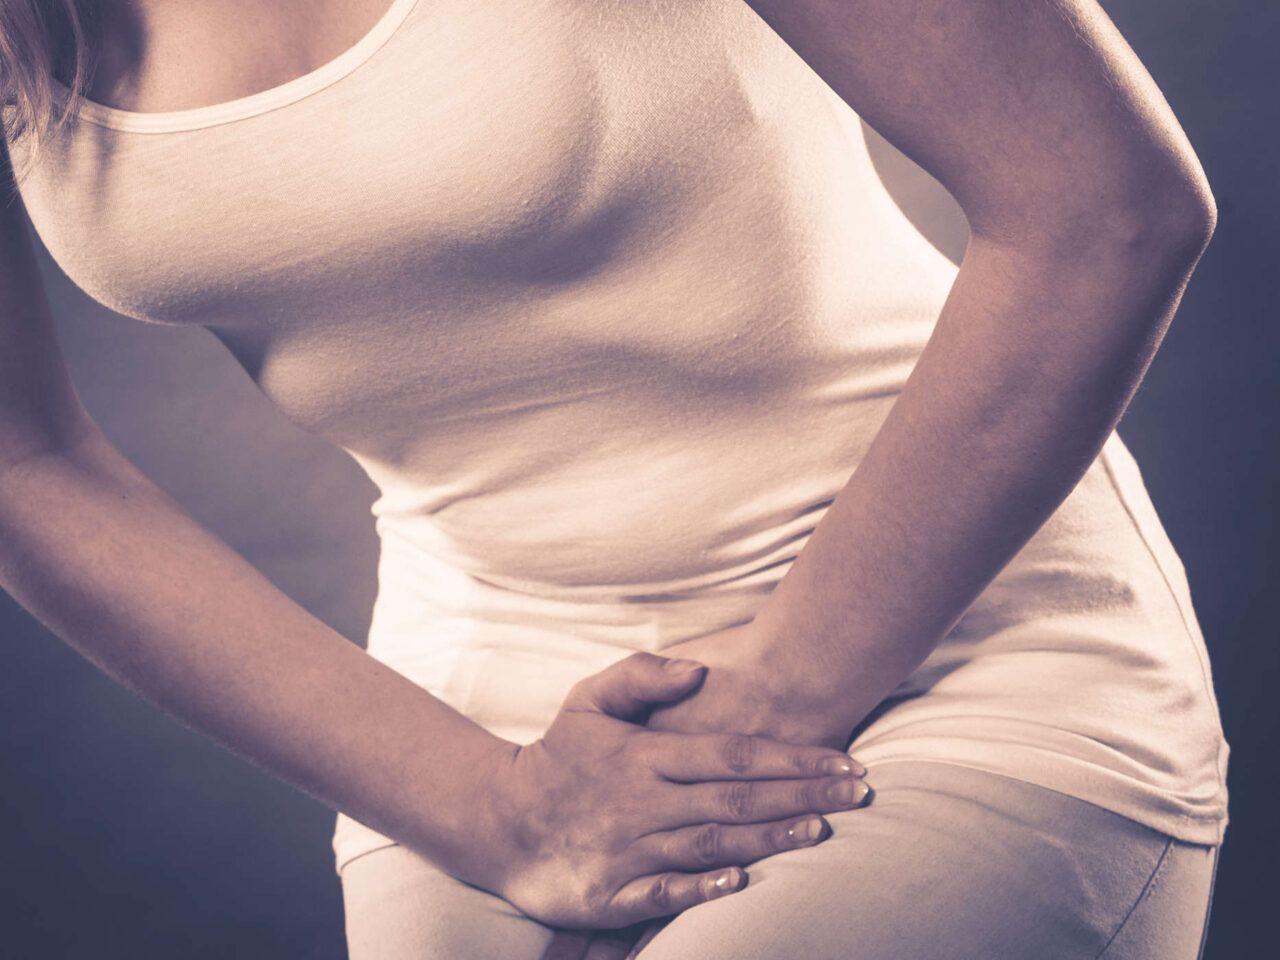 Đau vùng chậu là một trong những dấu hiệu ung thư cổ tử cung